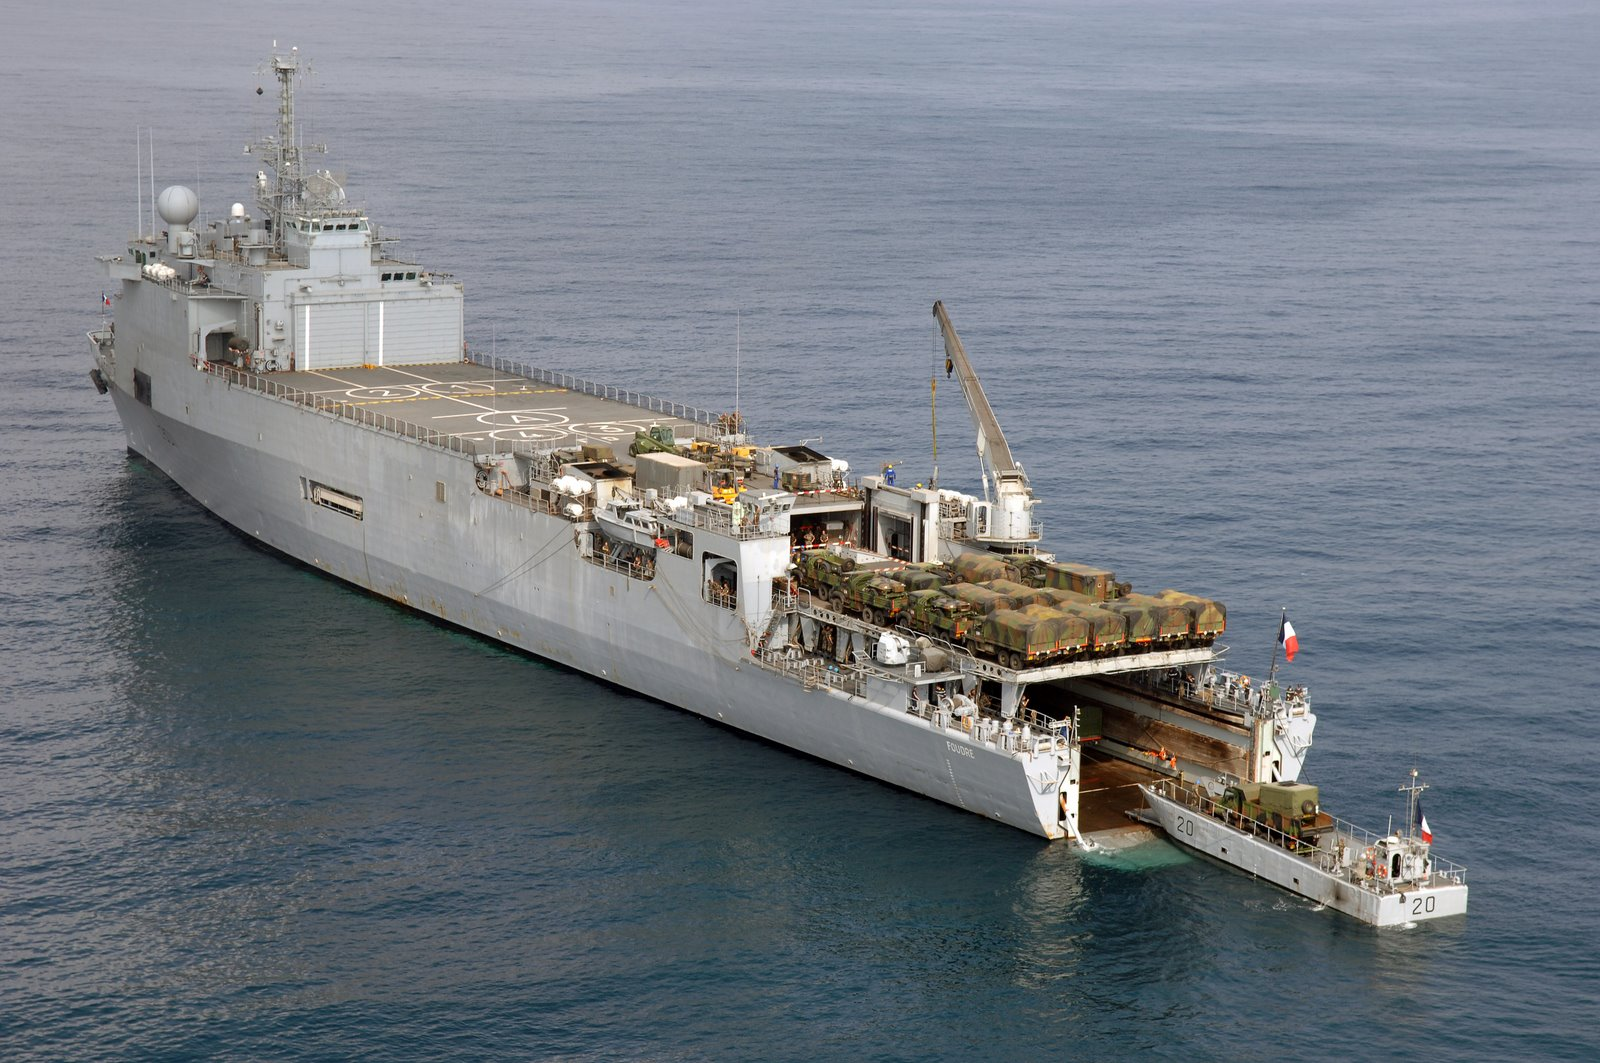 EXCLUSIVO: Conheça os tipos e quantidades de navios que o CFN julga necessários à eventual mobilização de uma Brigada Anfíbia e, no futuro, à 2ª Esquadra